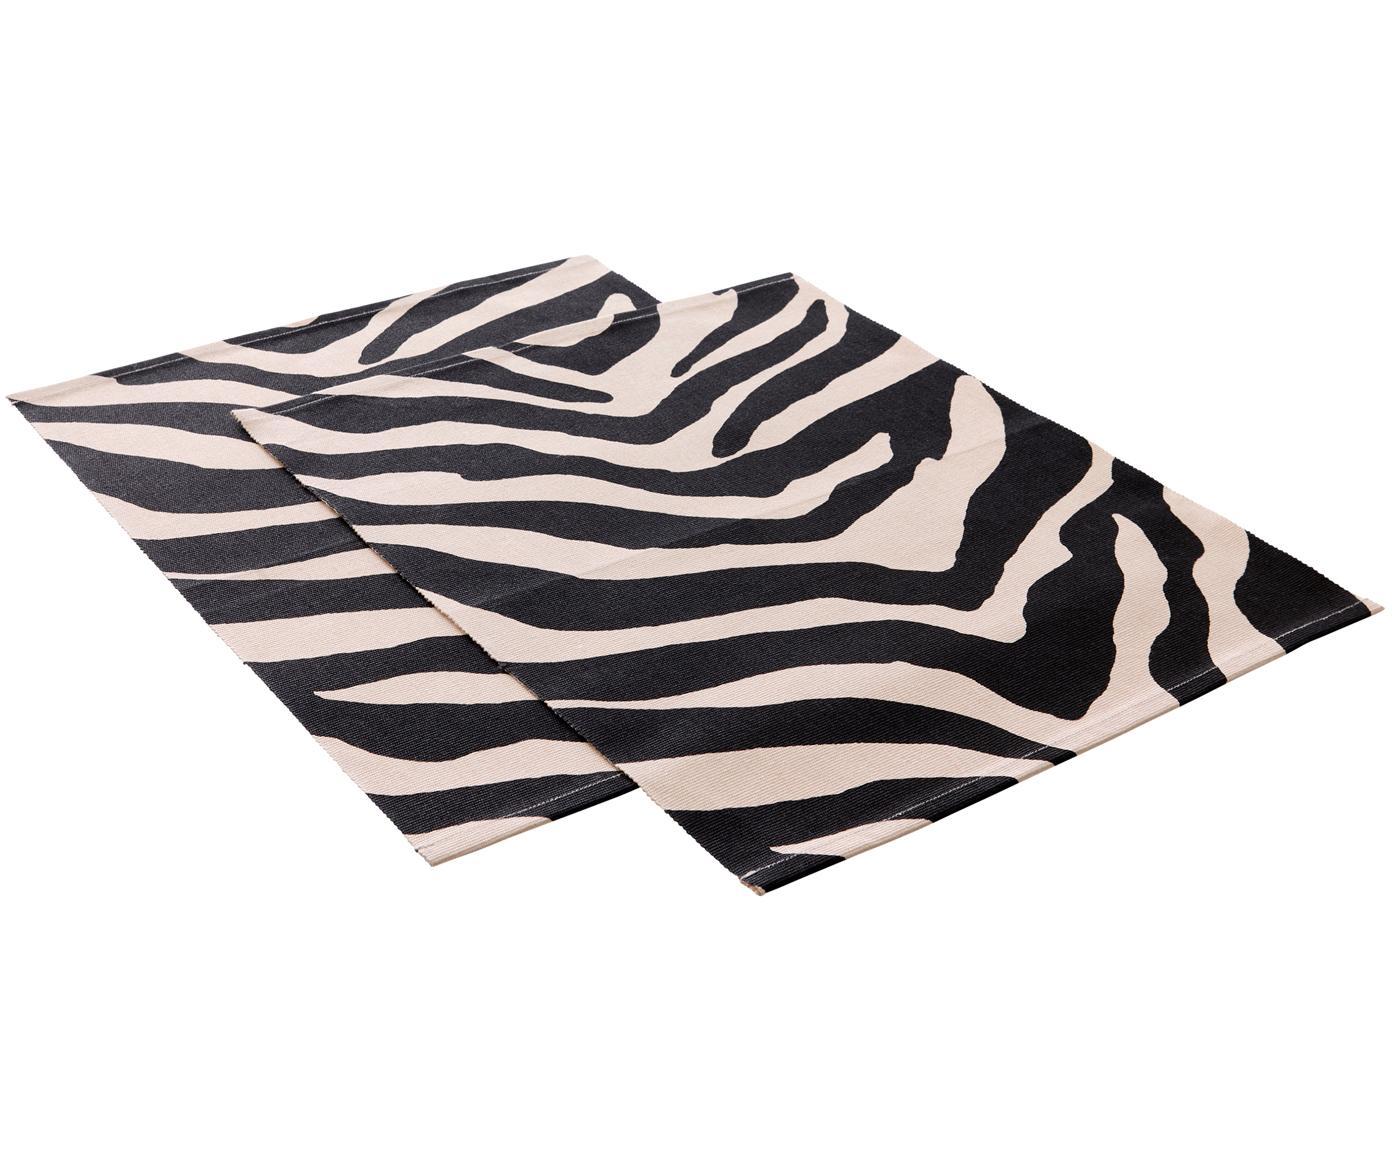 Placemats Jill met zebra-print, 2 stuks, Katoen, Zwart, crèmekleurig, 35 x 45 cm